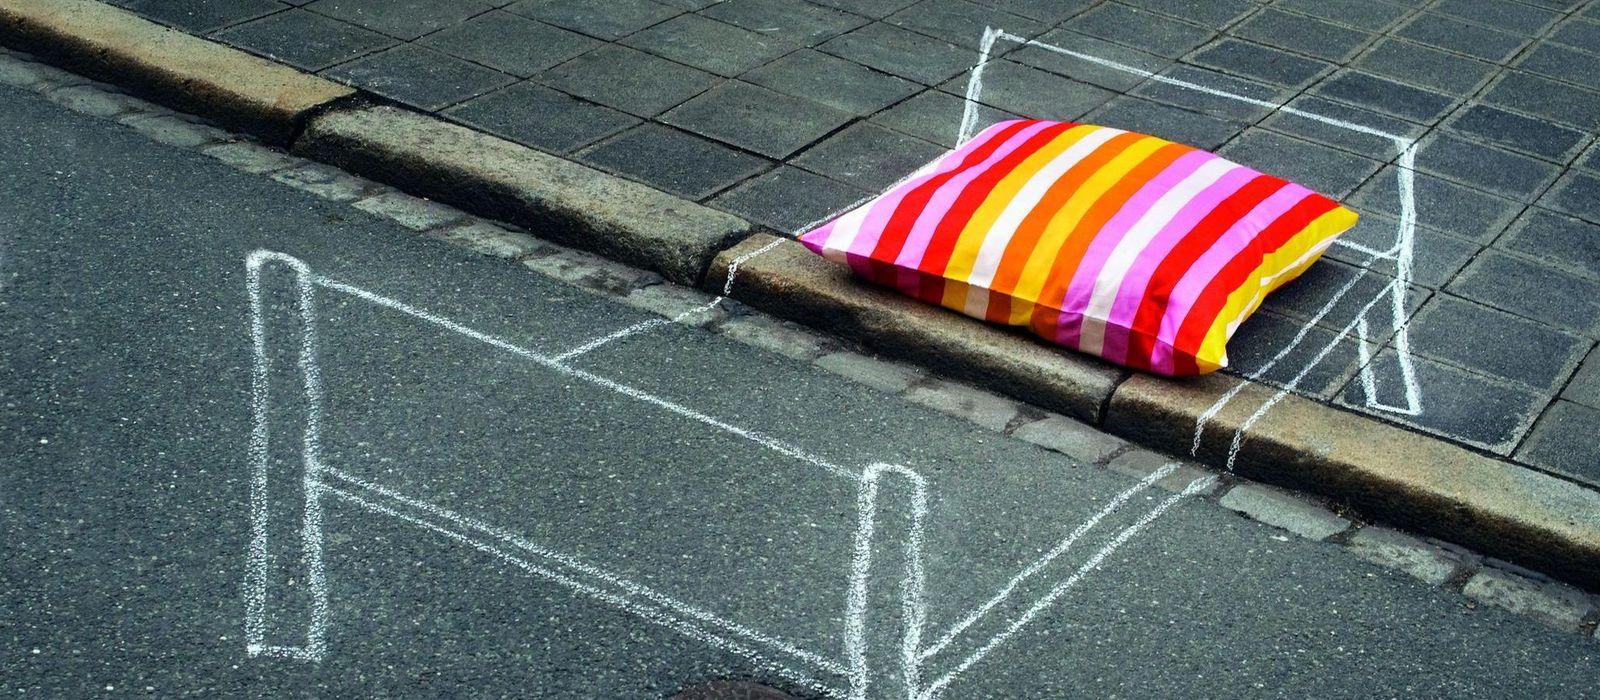 Auf eine Straße ist mit weißer Kreide ein Bett gezeichnet. Auf dem Kreidebett liegt ein bunt gestreiftes Kopfkissen.